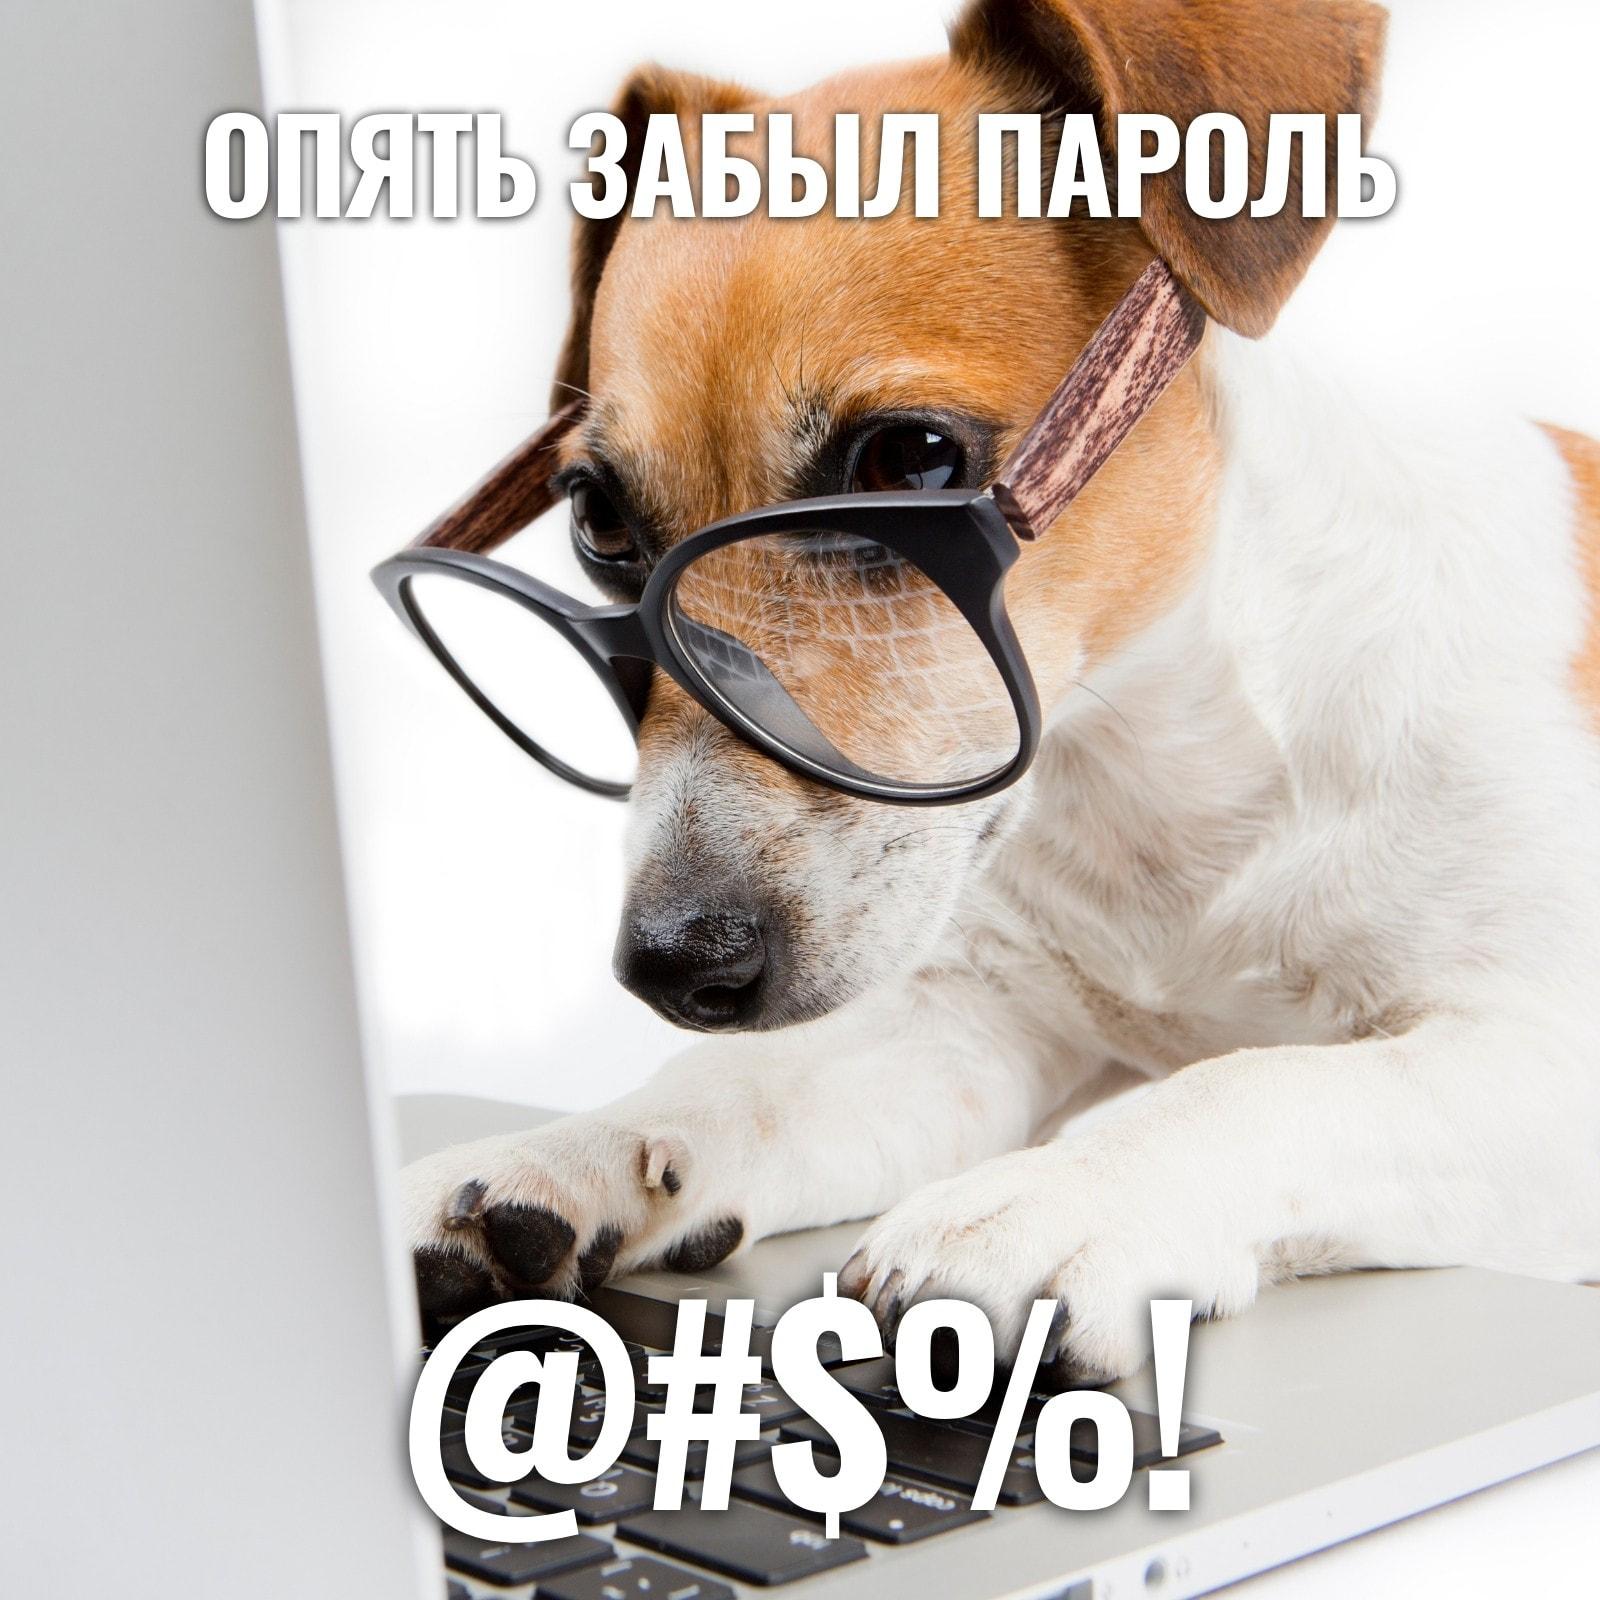 Собака Пароль Квадрат Животное Мем